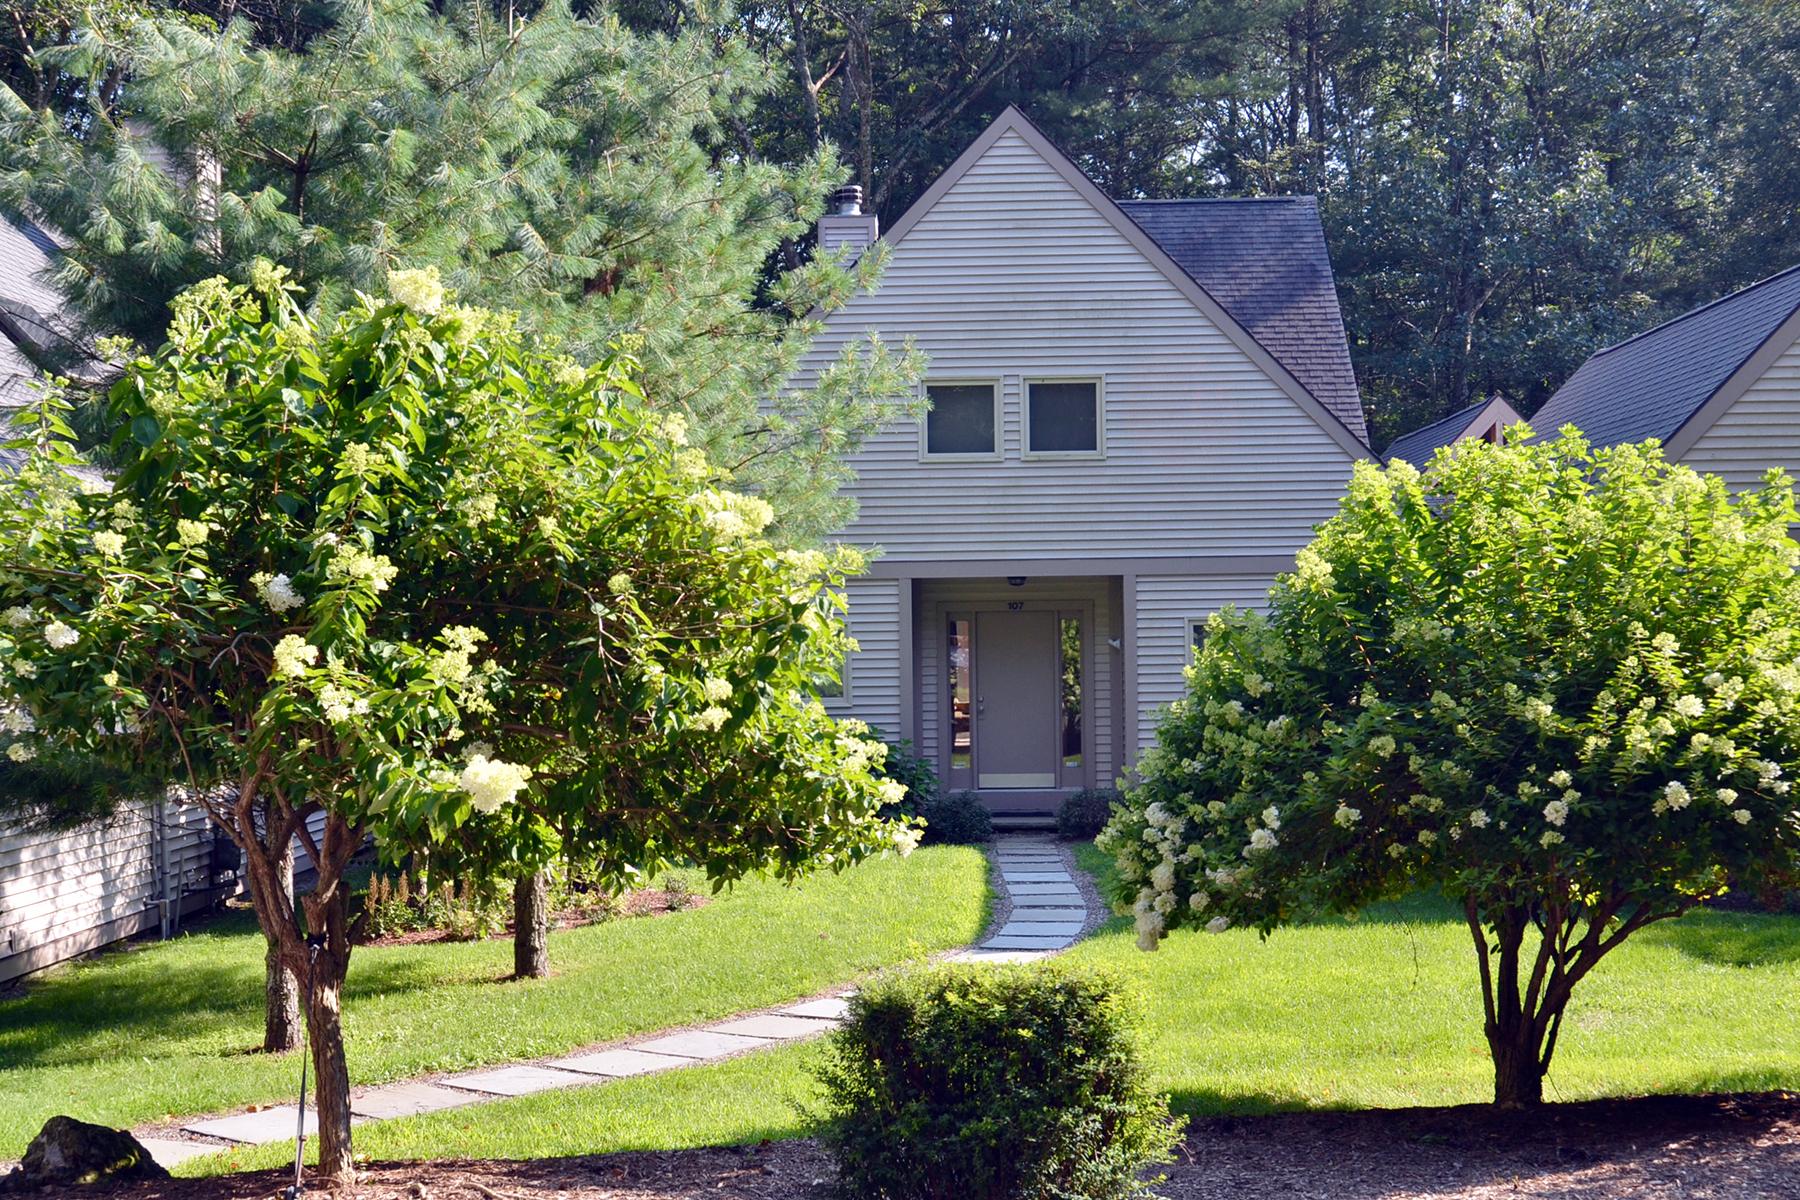 Частный односемейный дом для того Продажа на Sublime Lake Community Home 107 Arcadia Ancram, Нью-Йорк 12502 Соединенные Штаты